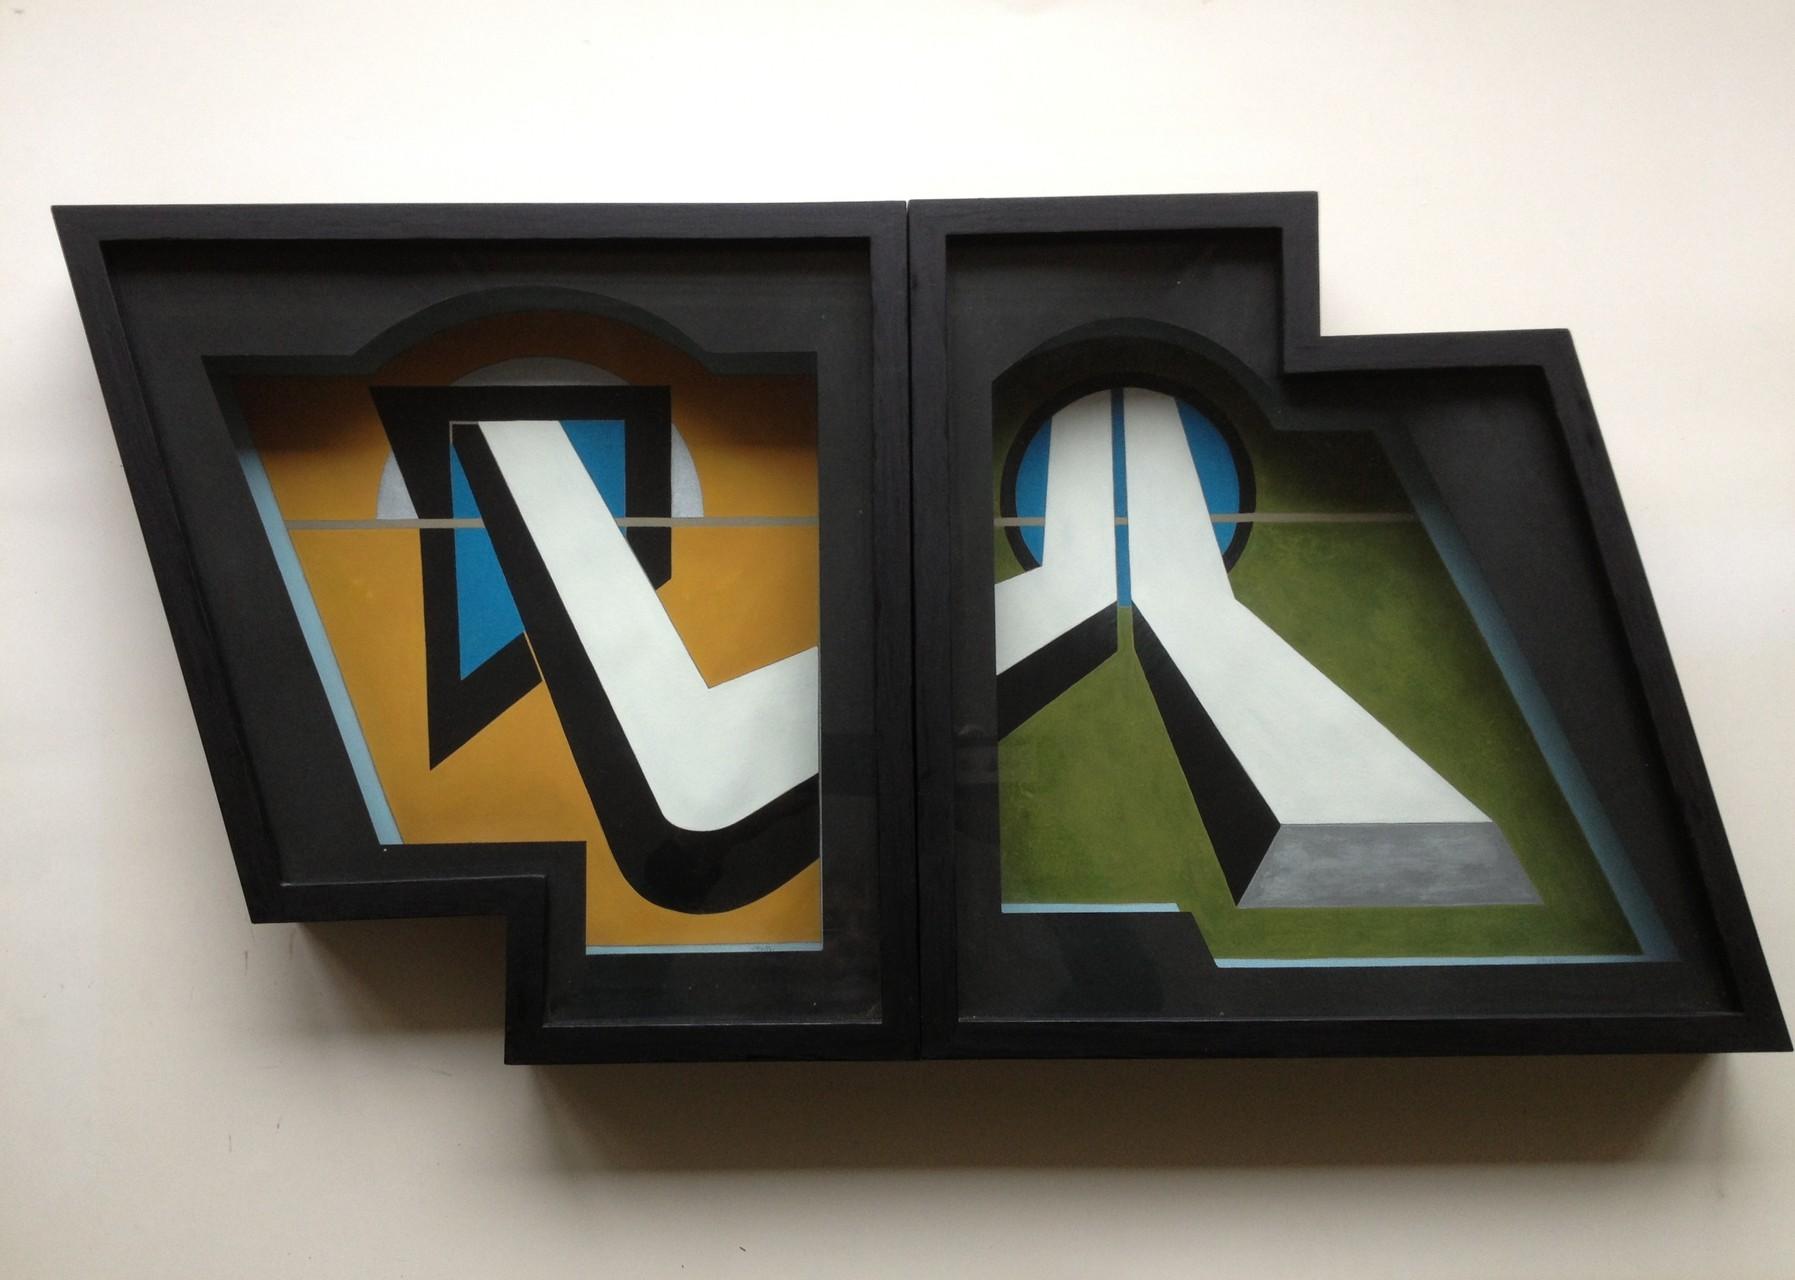 Konstruktive Annäherung, Raumschnitt 2-teilig, Gouache, je 40 x 40 x 7 cm, 1973 (#599)